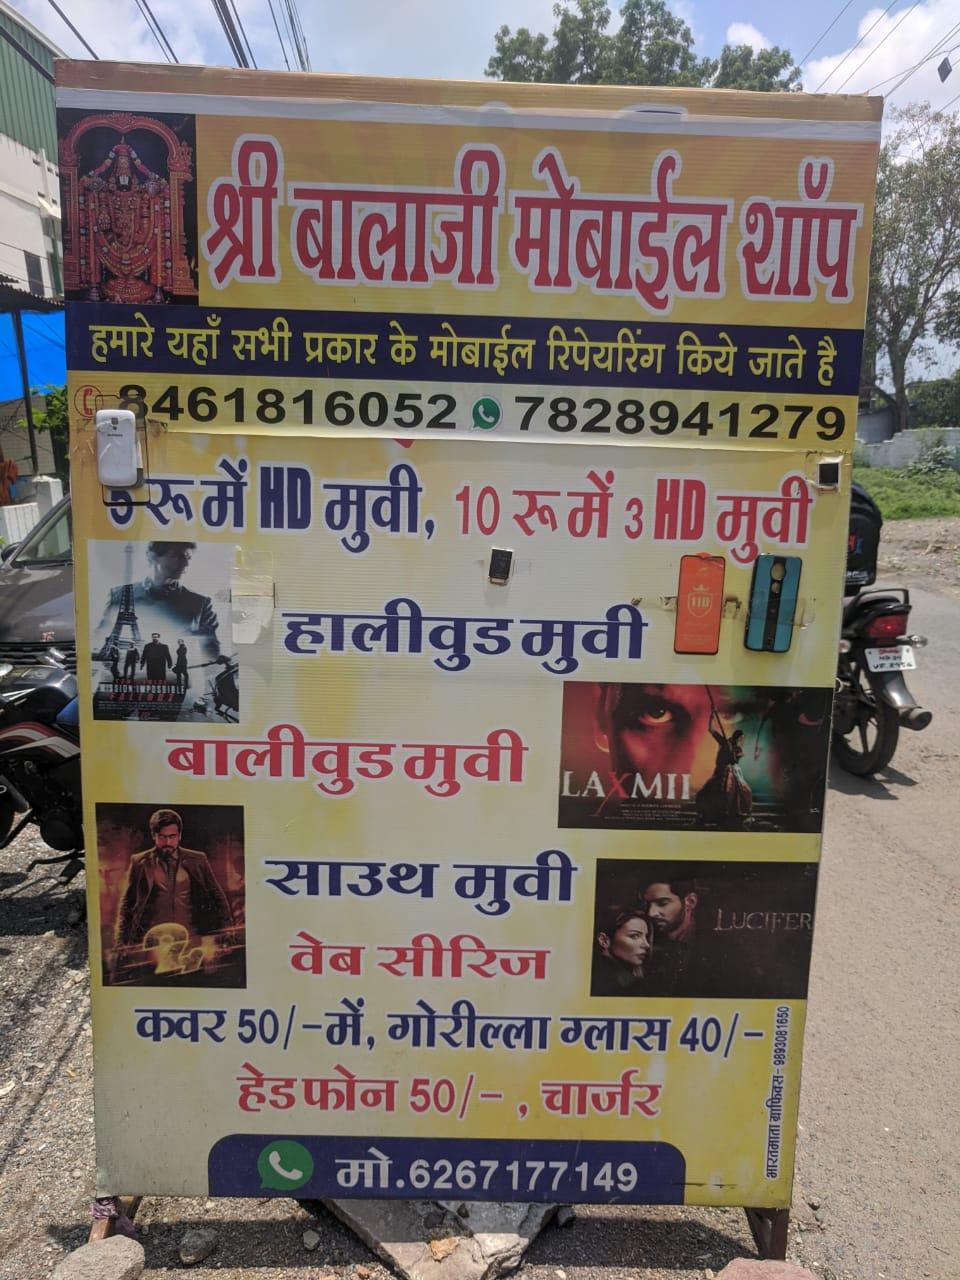 Shri Balaji Mobile Shope